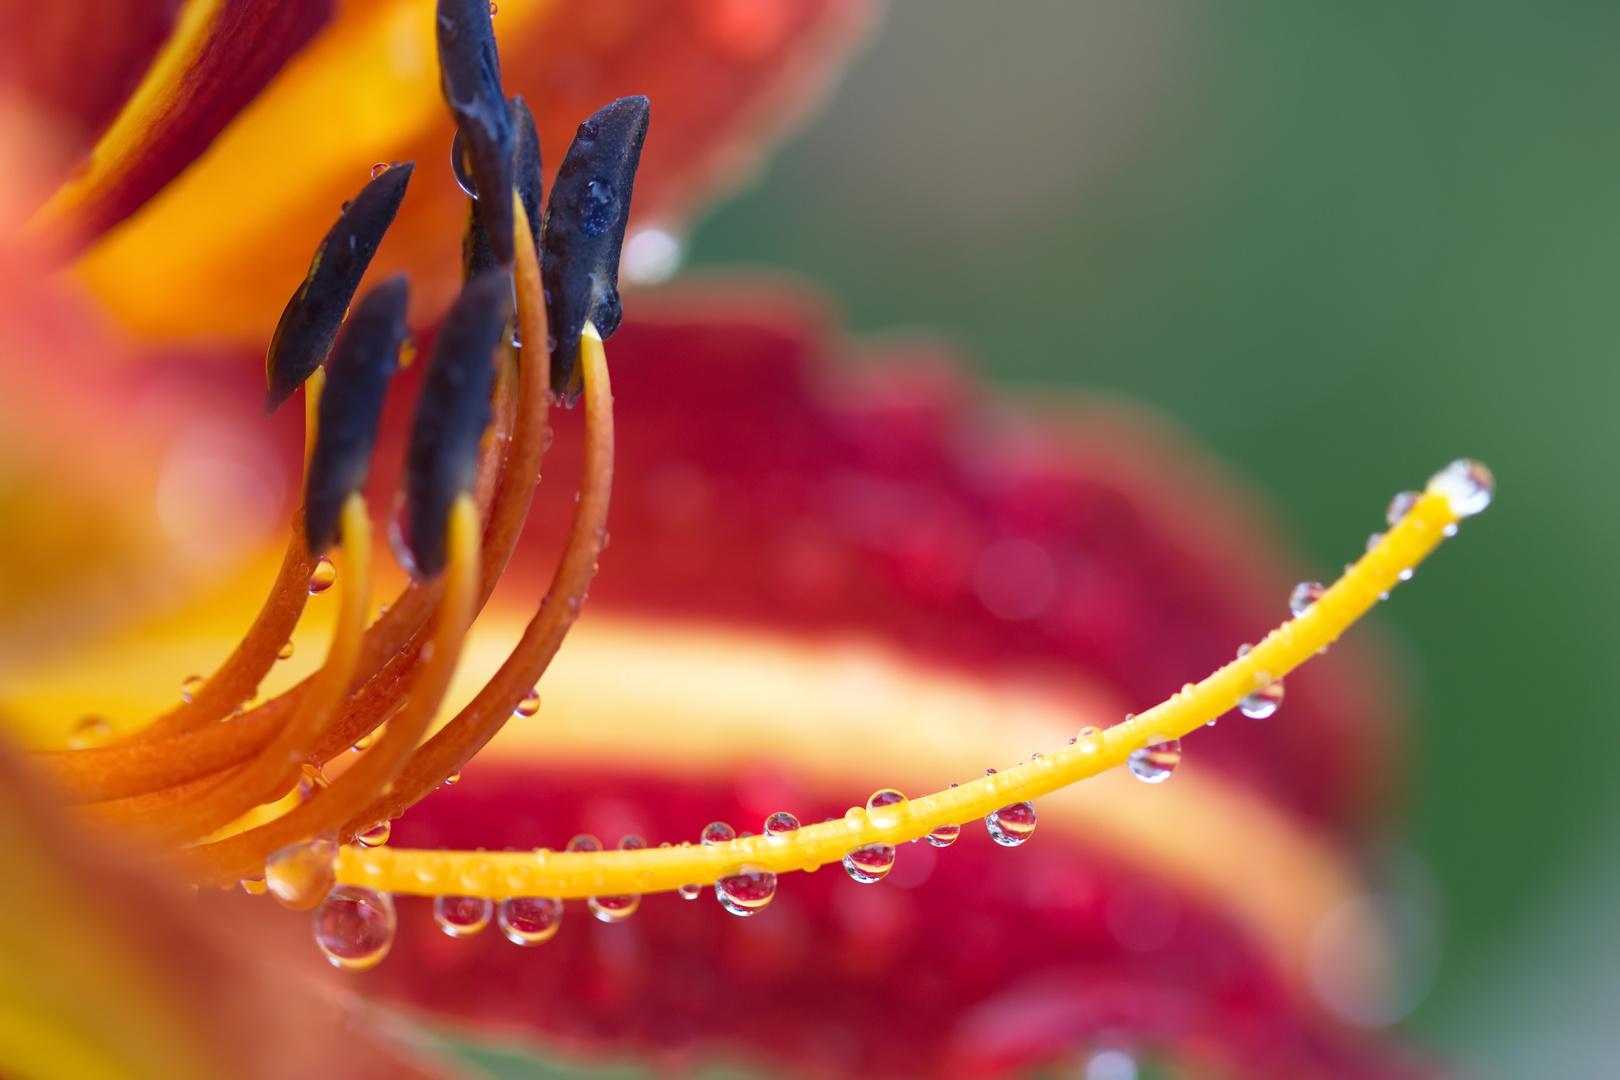 Taglilie nach dem Regen